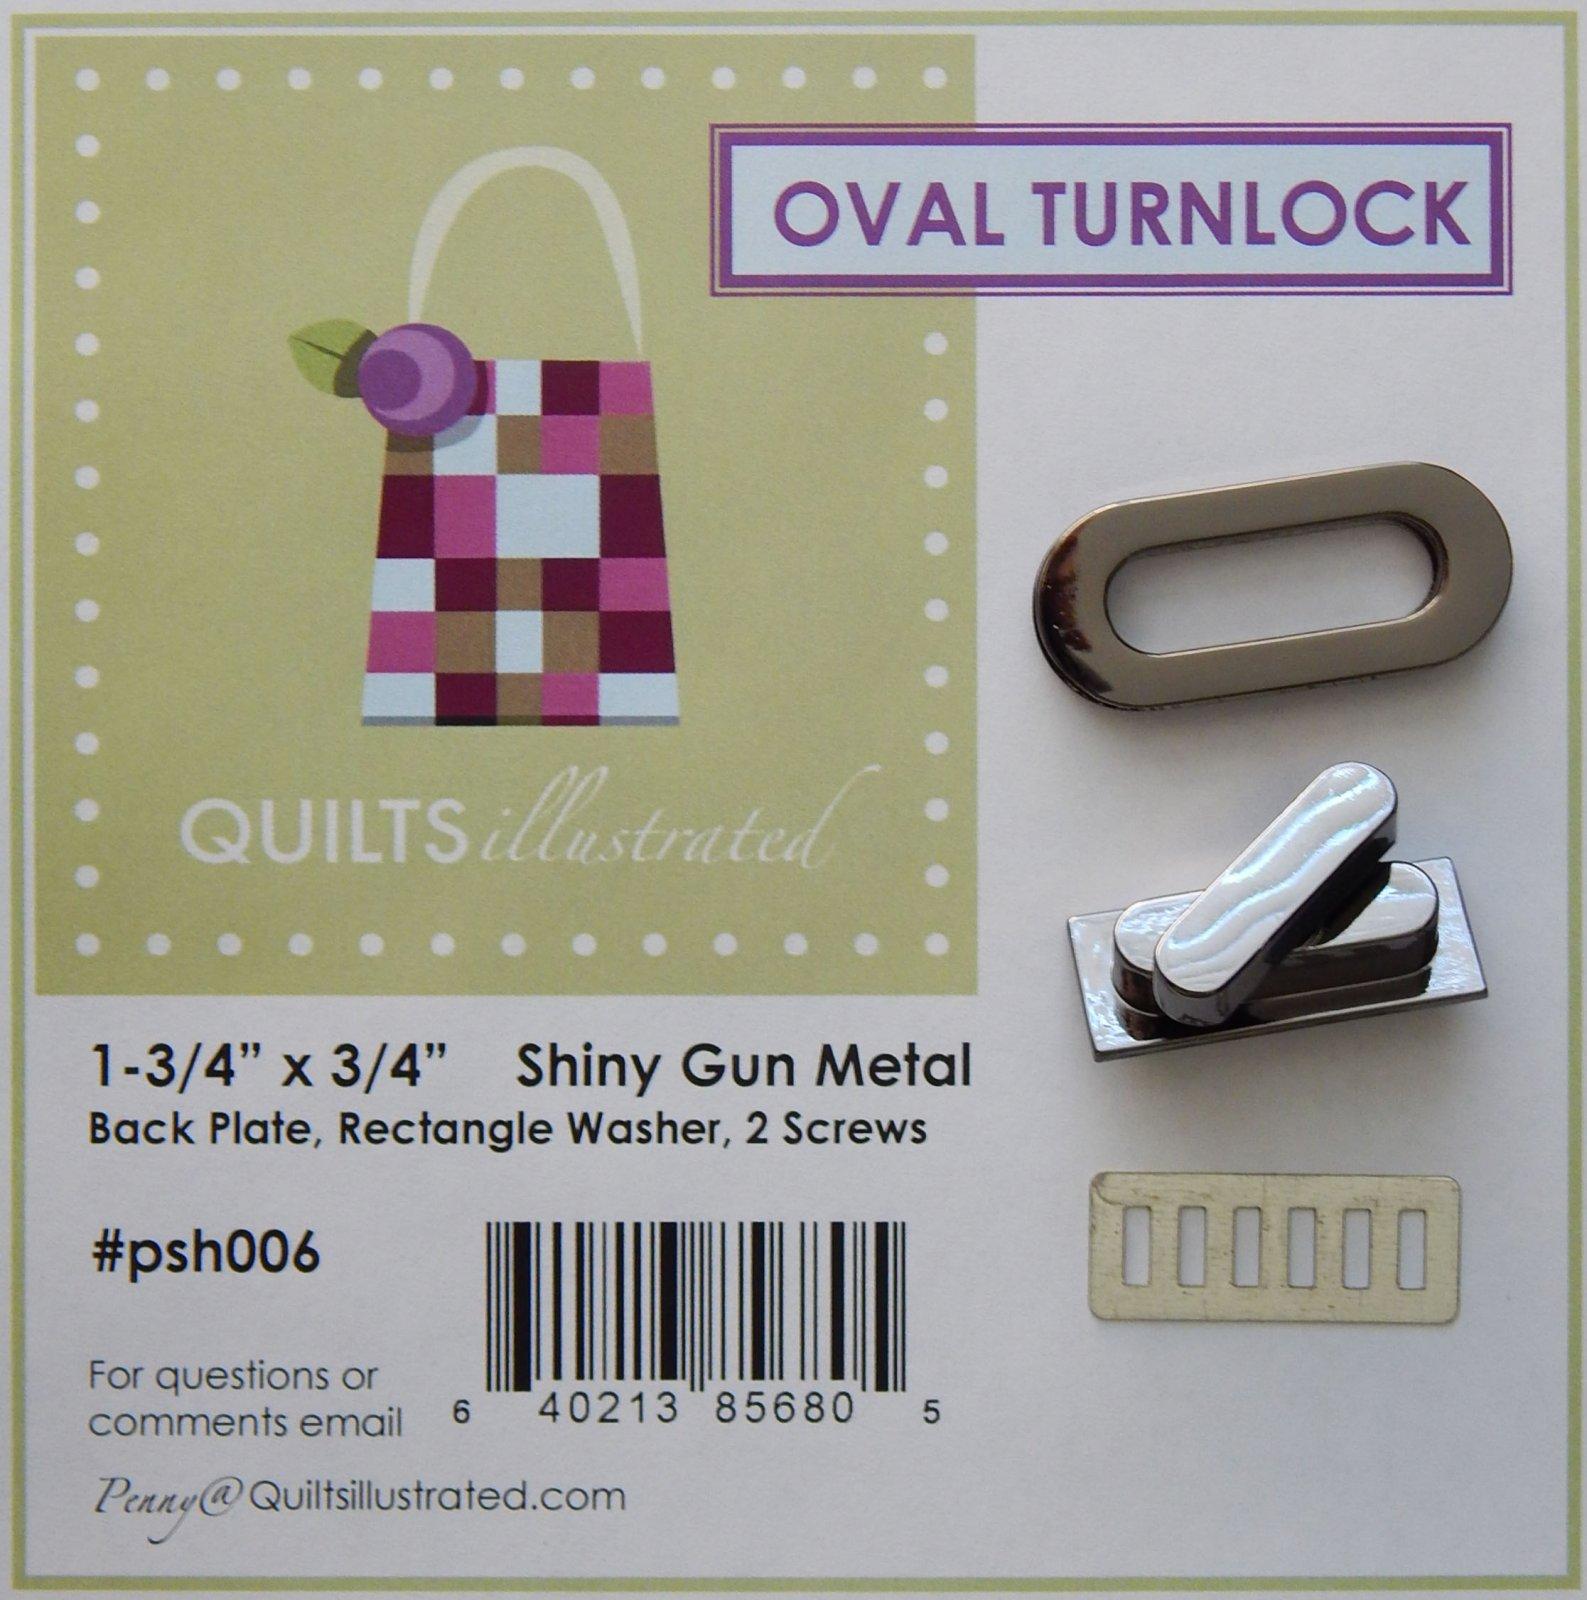 Oval Turnlock Set - Gun Metal (psh006)